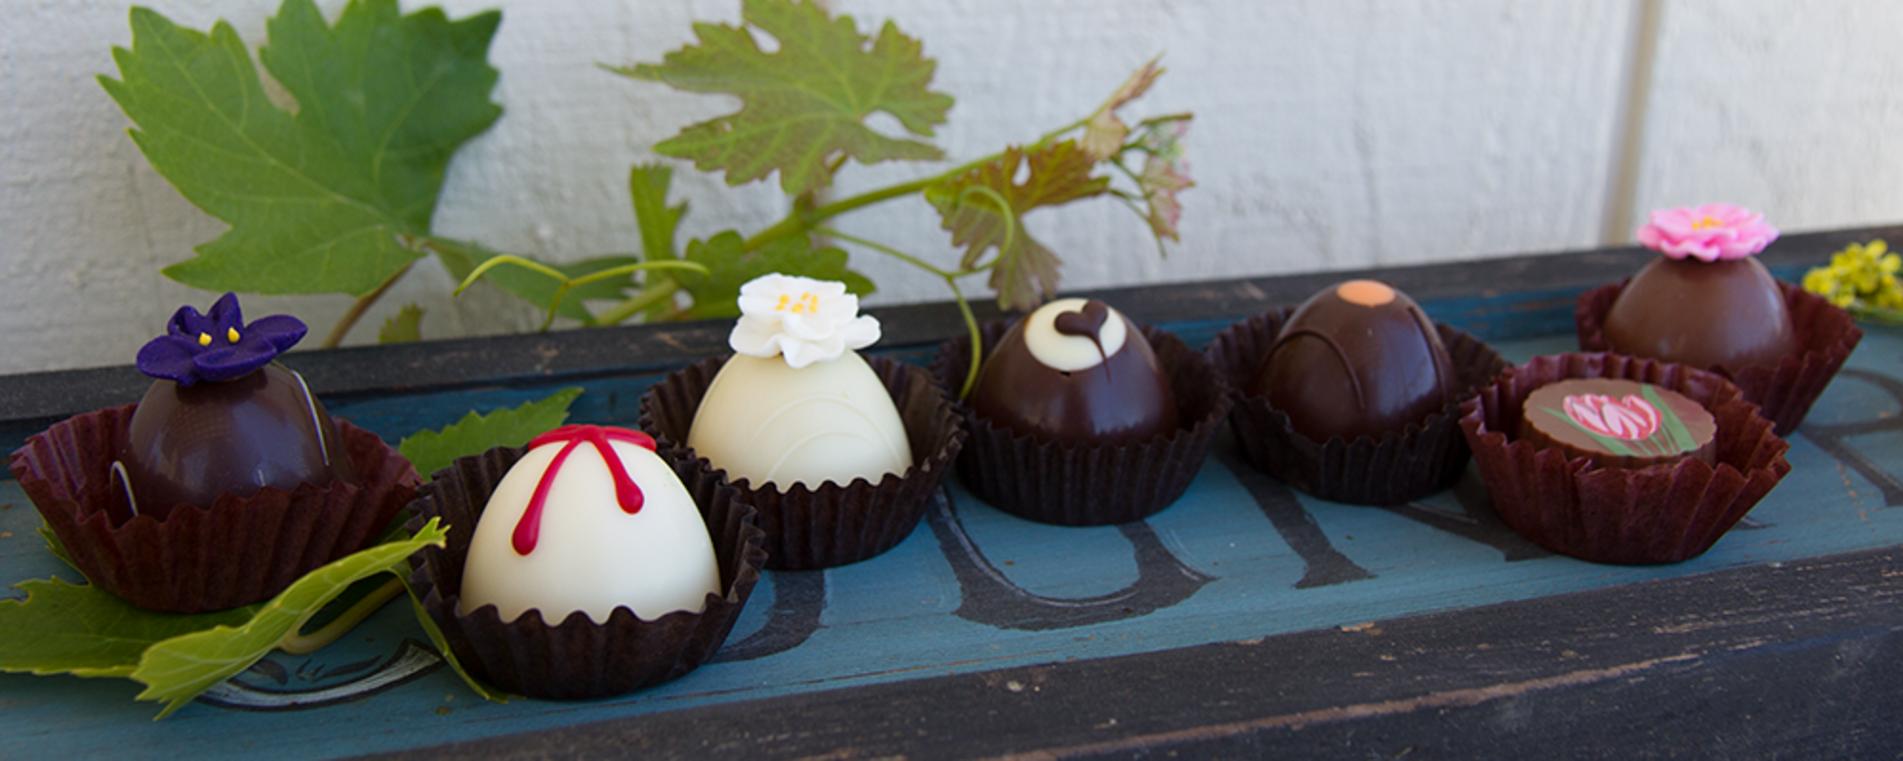 Sugarplum chocolates